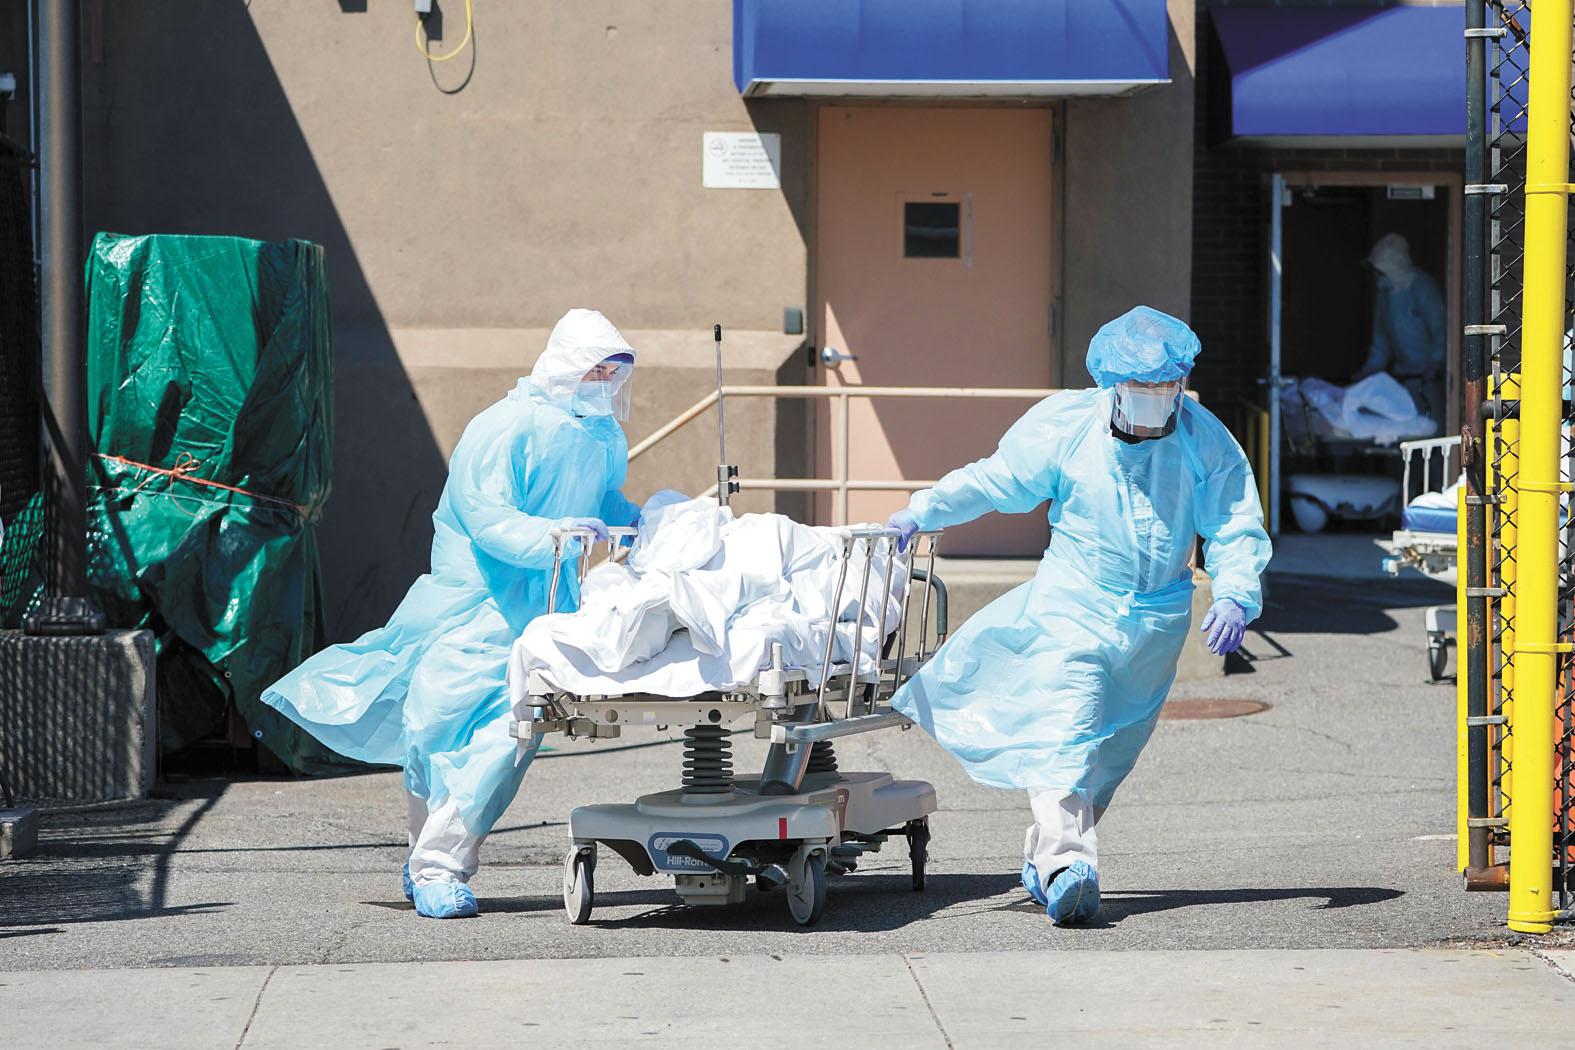 美國新冠肺炎死亡人數超過27萬人,停屍房、殯儀館和醫院都不堪重負。法新社